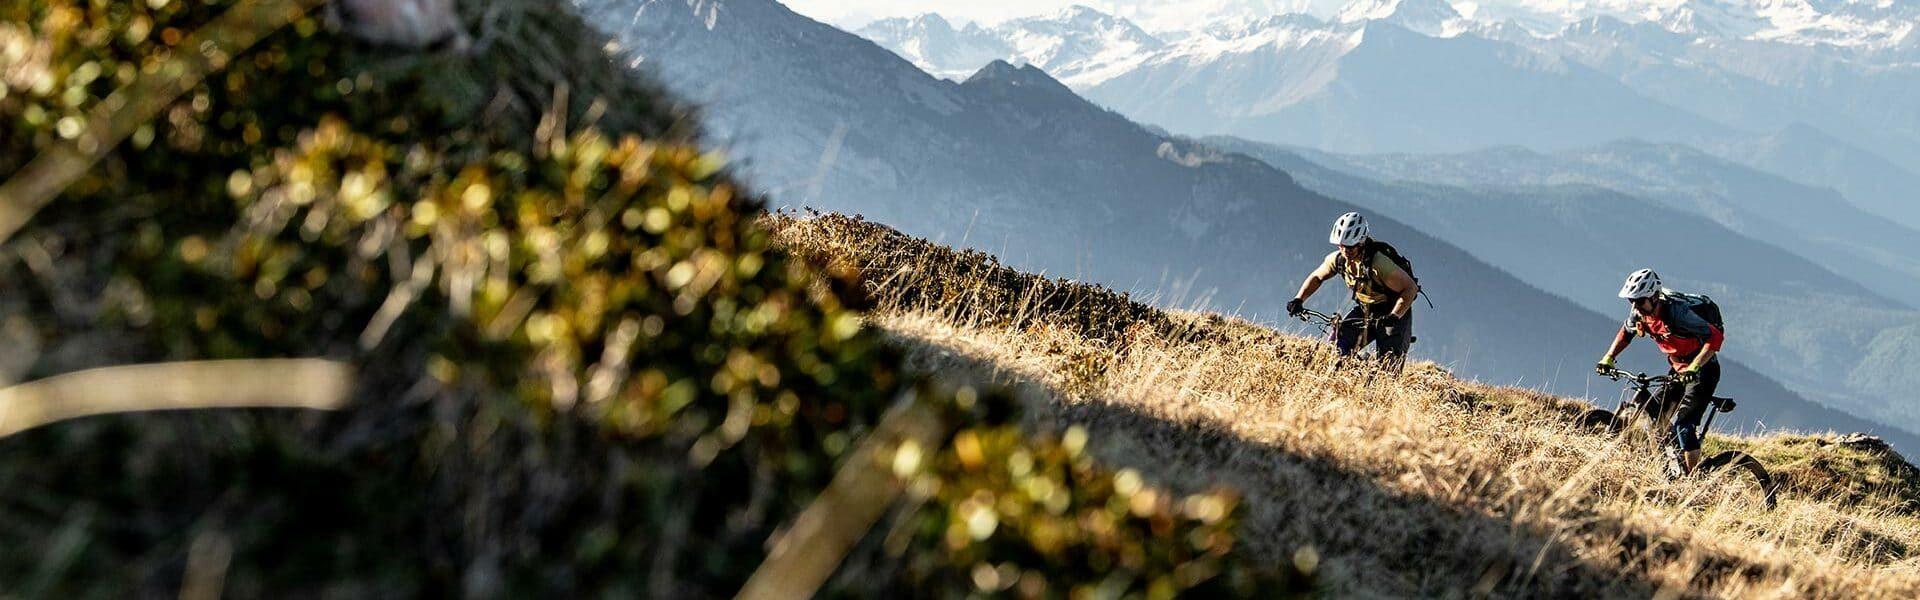 e-MTB Fahrer am Berg